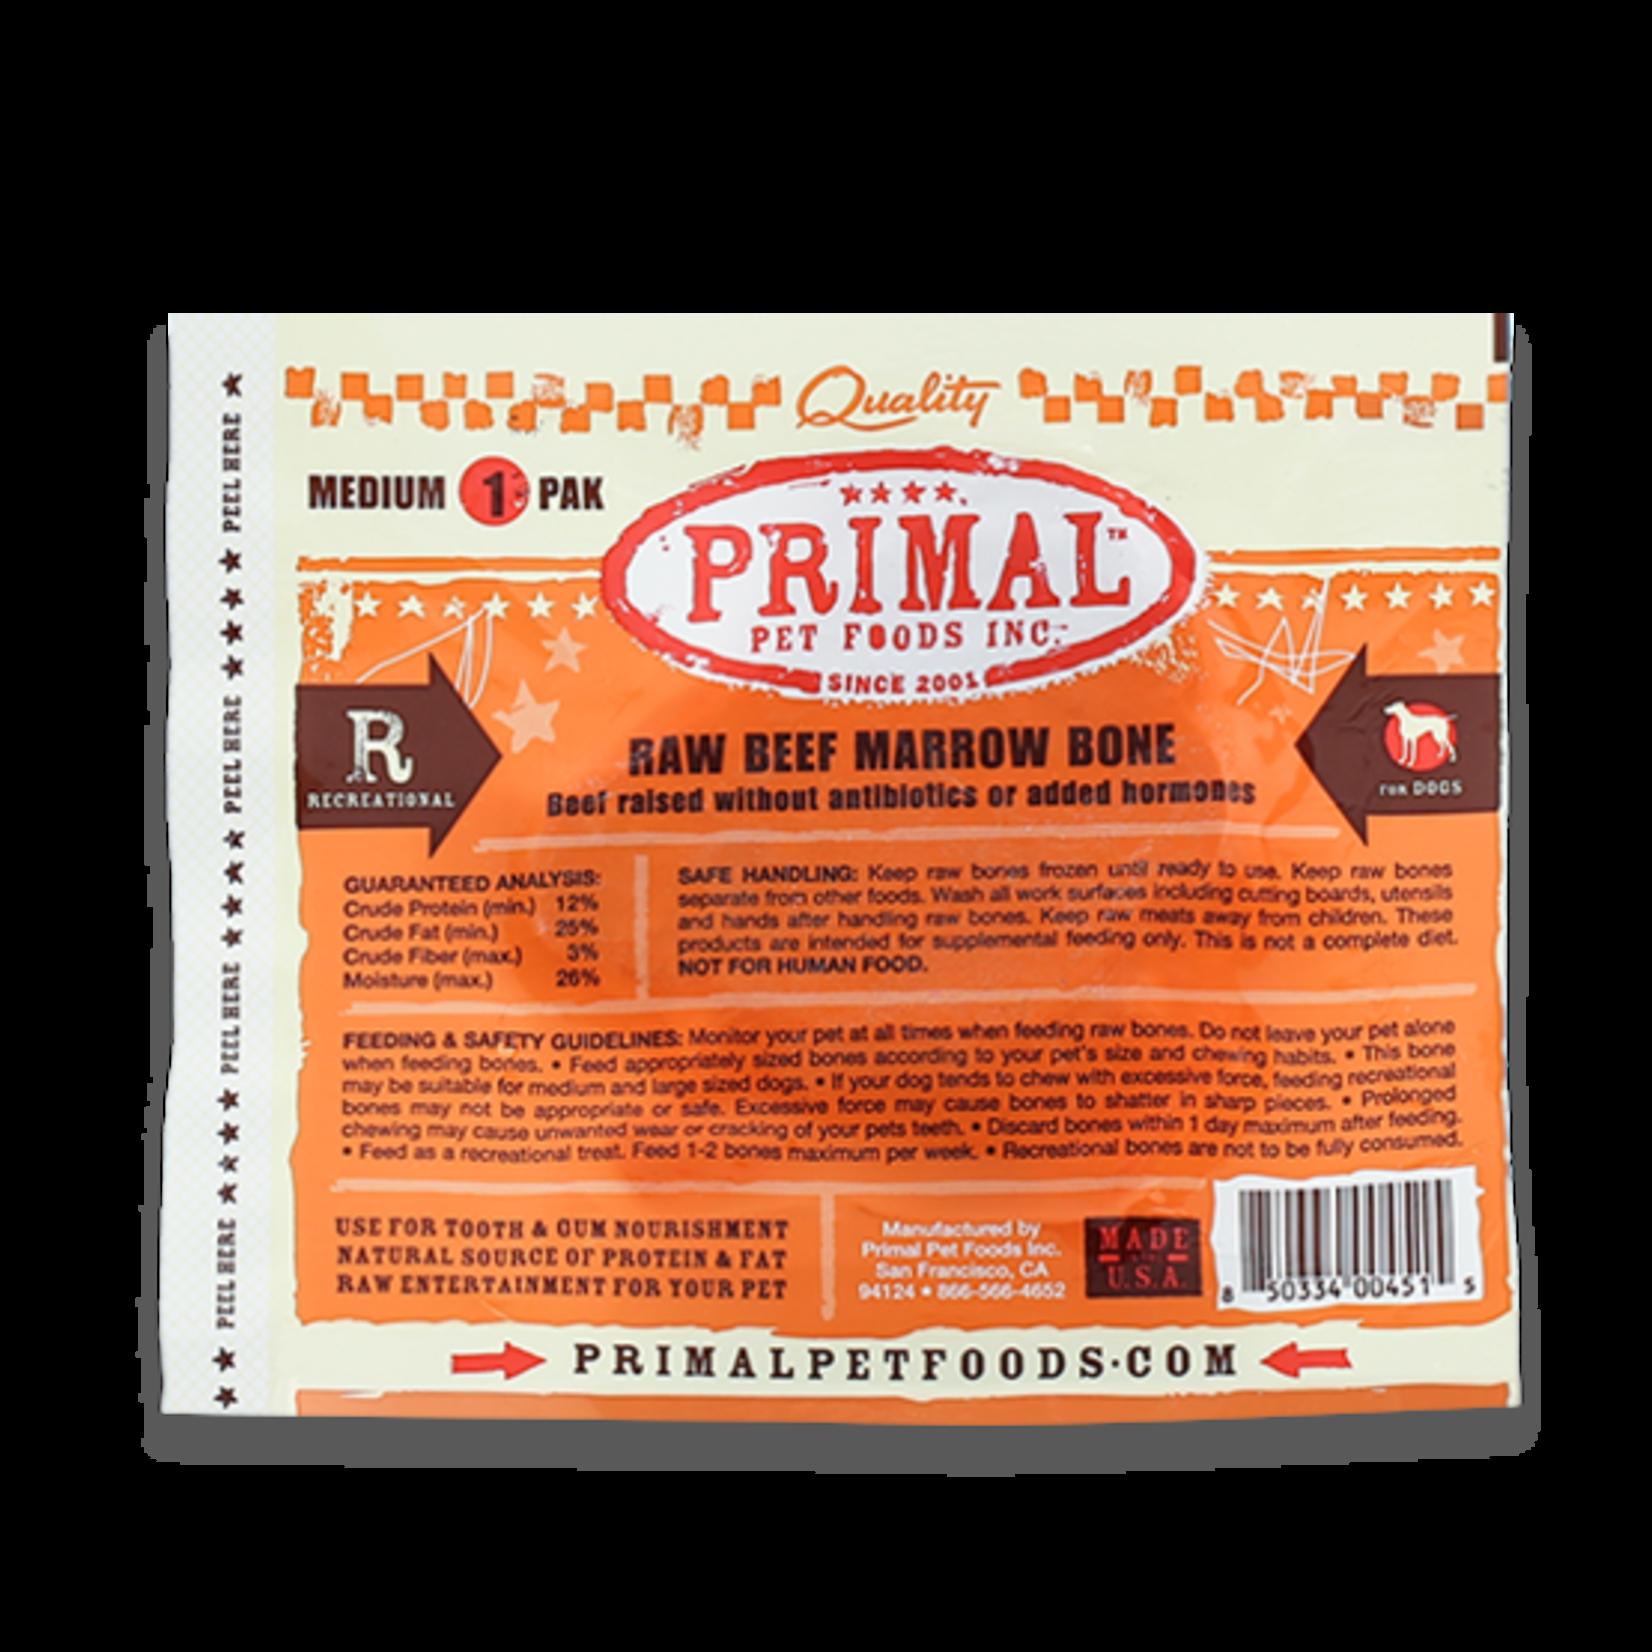 Primal Pet Foods Primal Frozen Raw Beef Bone Medium